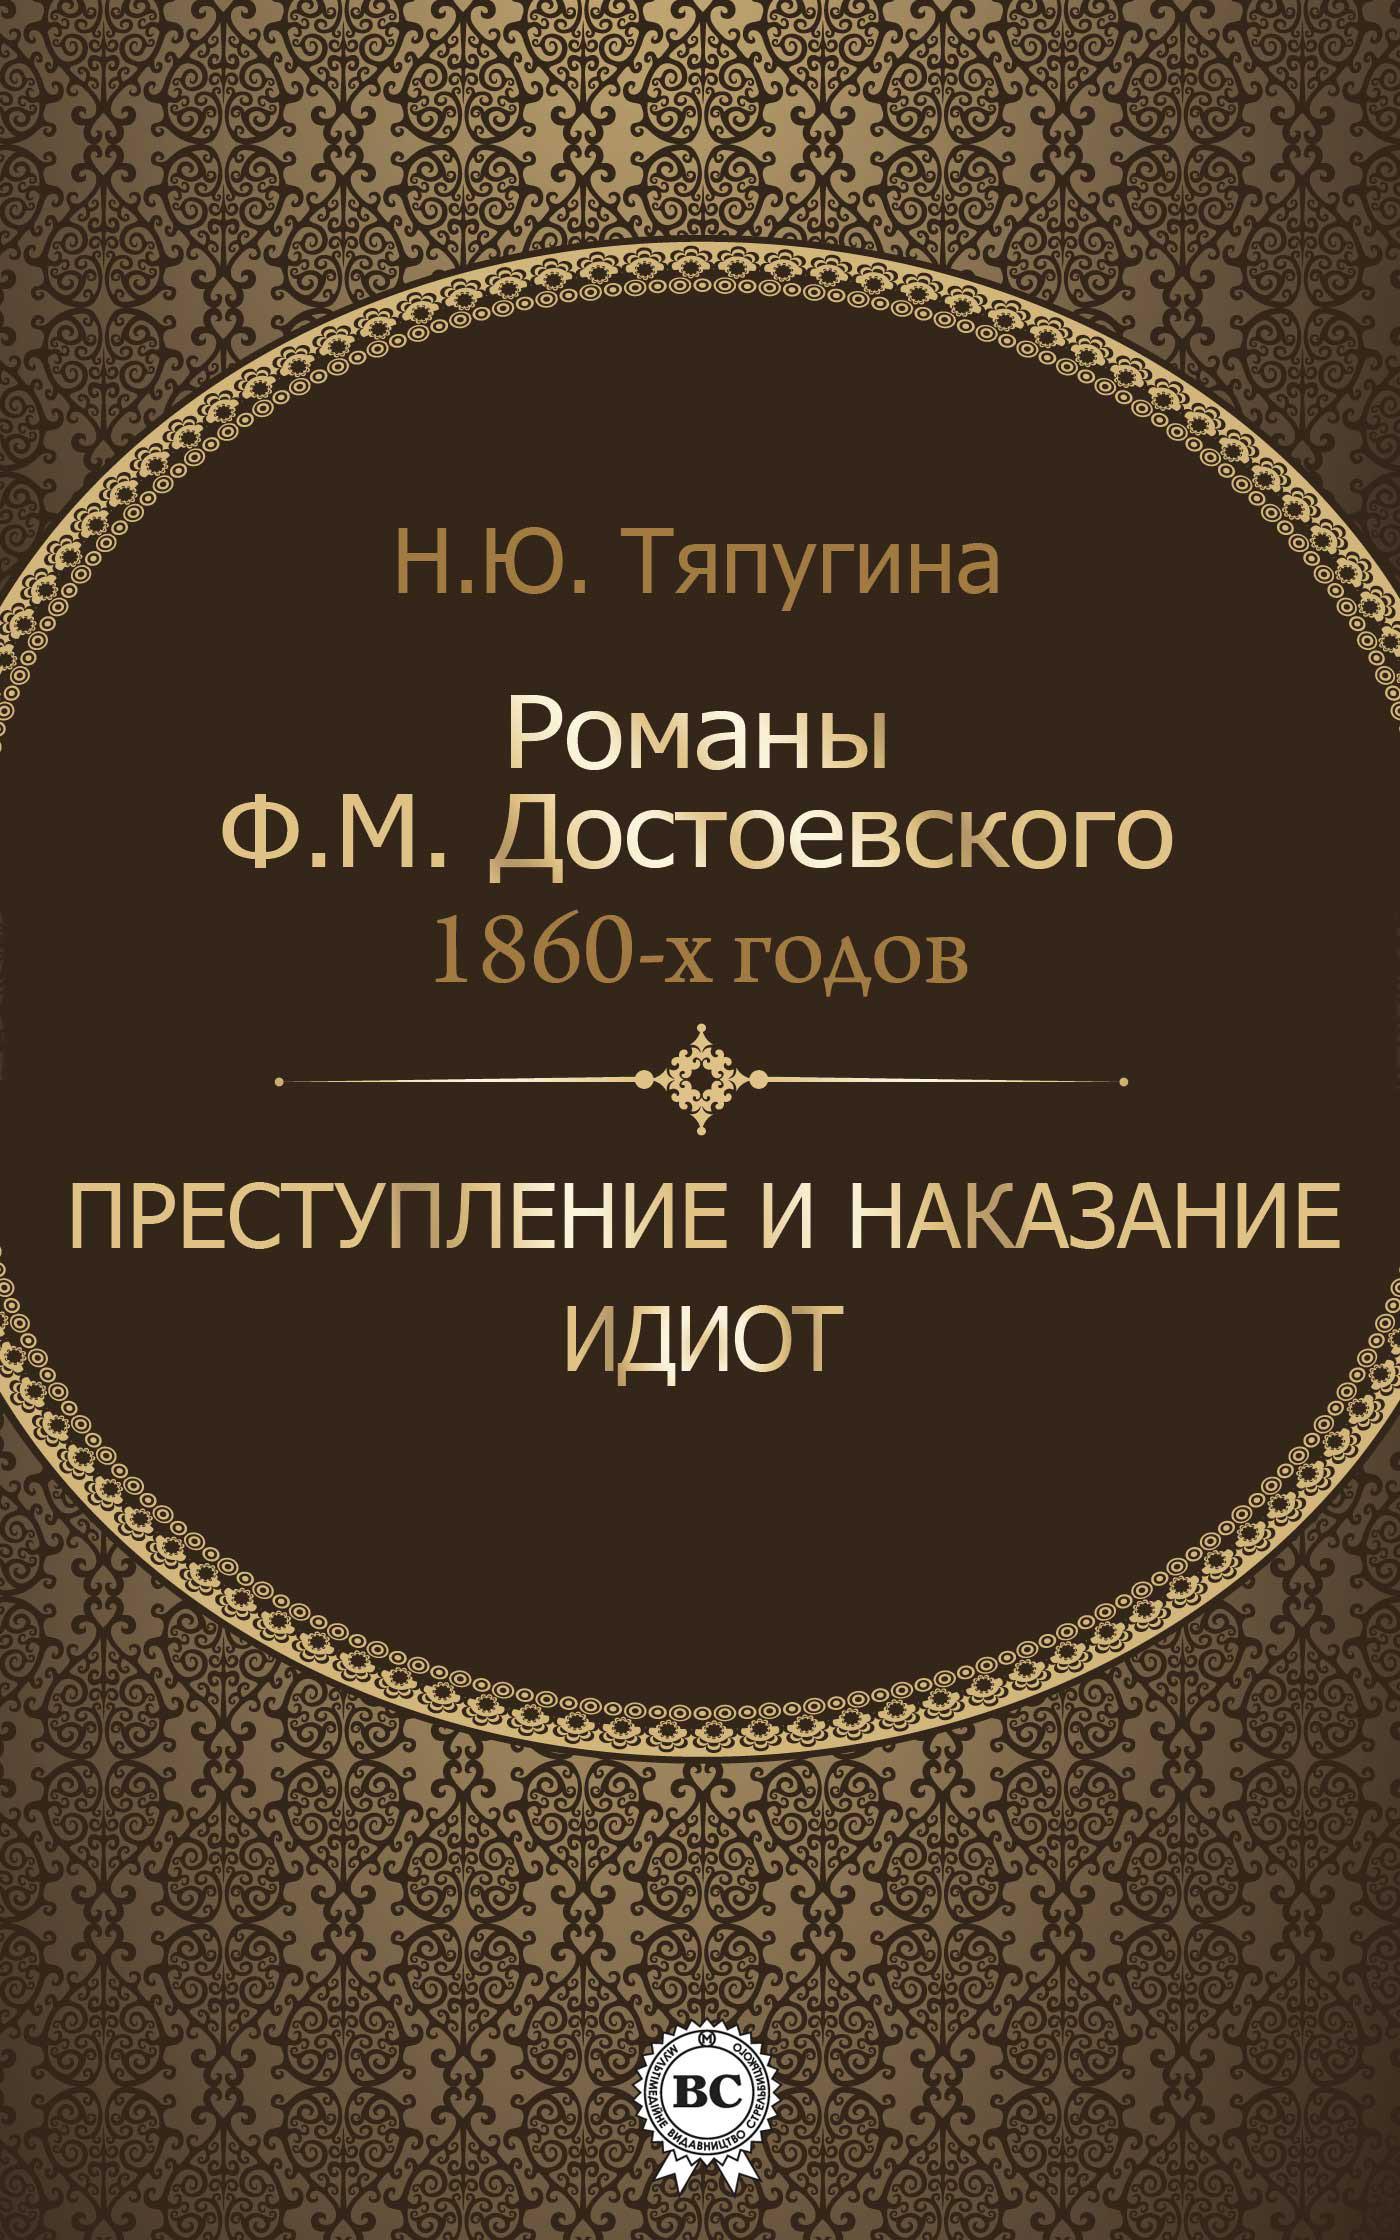 Н. Ю Тяпугина Романы Ф. М. Достоевского 1860-х годов: «Преступление и наказание» и «Идиот» разумовский ф кто мы анатомия русской бюрократии